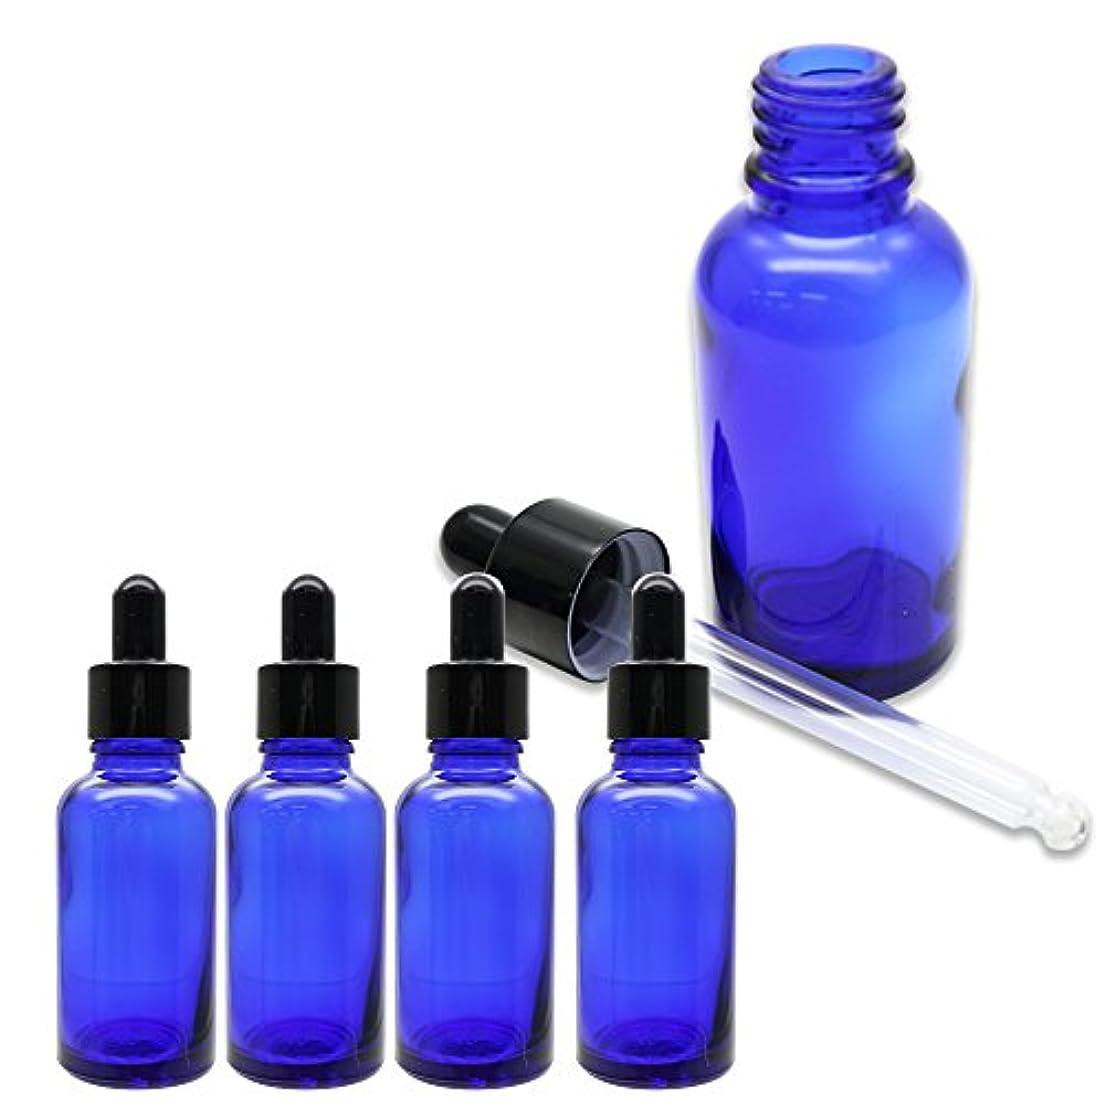 コンサート古代私たちSagittaire スポイト式 遮光瓶 ガラス製 30ml 5本セット 化粧水 香水 保存 旅行 詰め替え (ブルー)